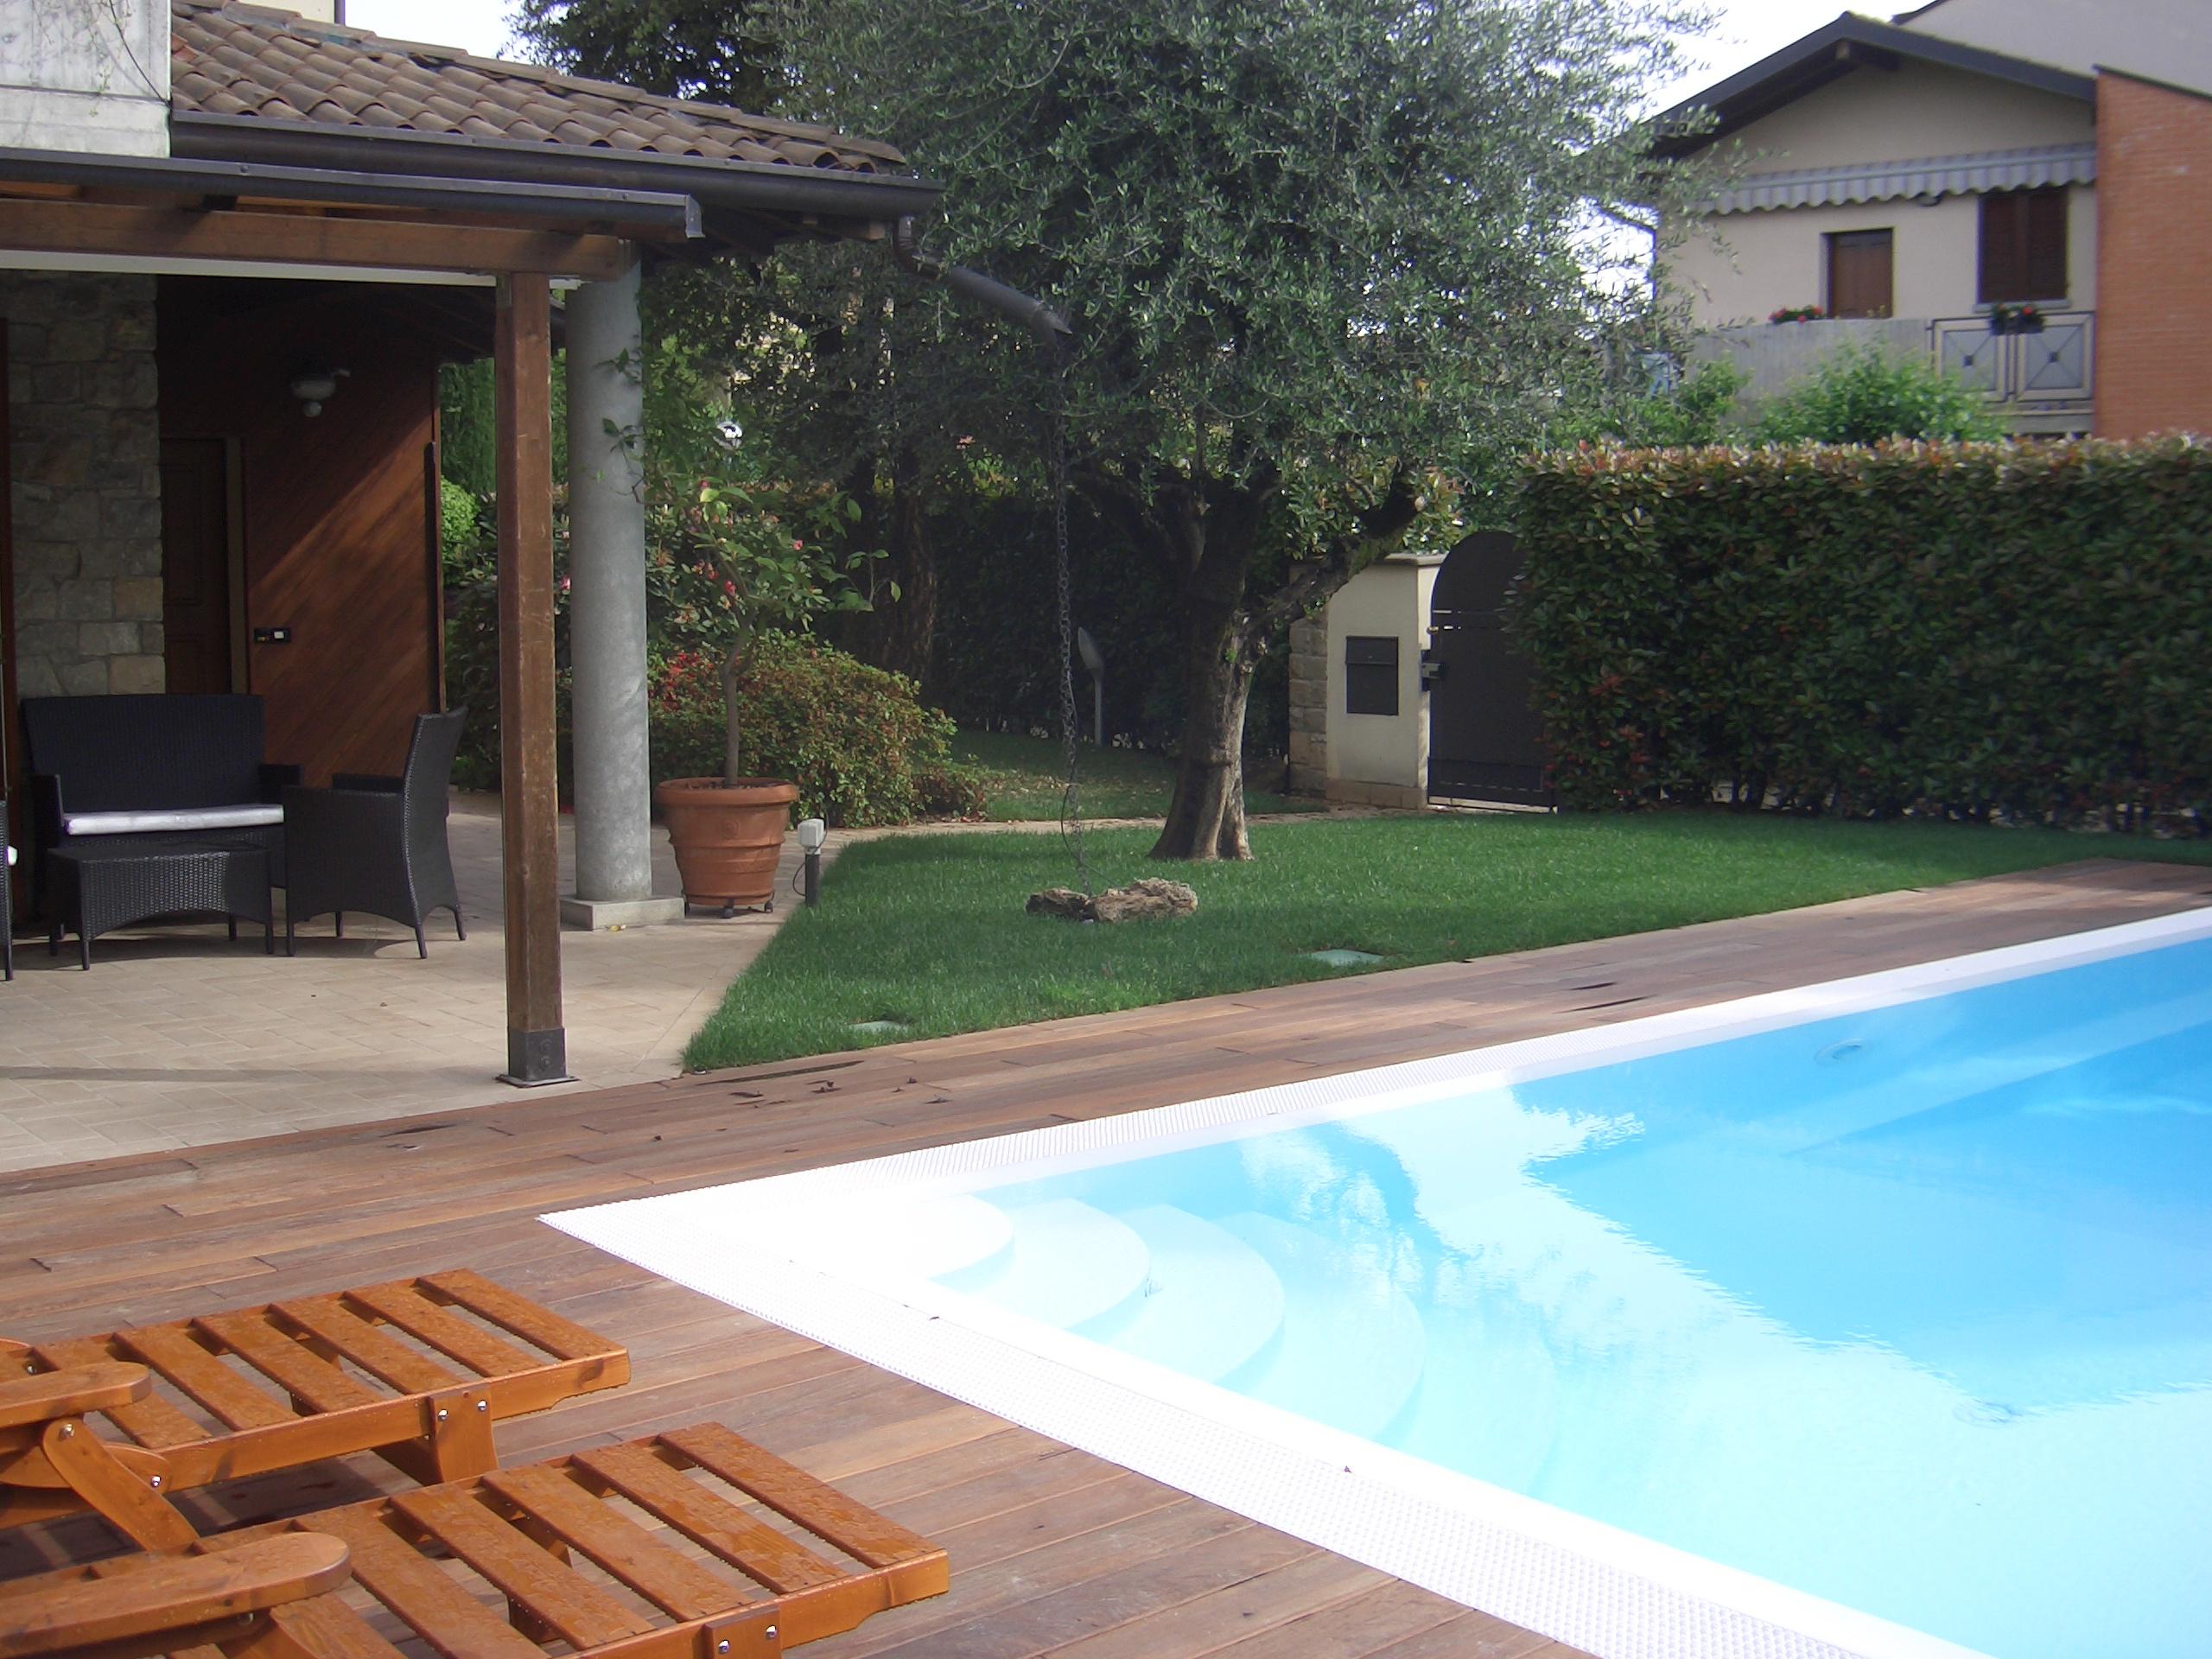 Villa con giardino e piscina treviolo bg - Progetto villa con piscina ...